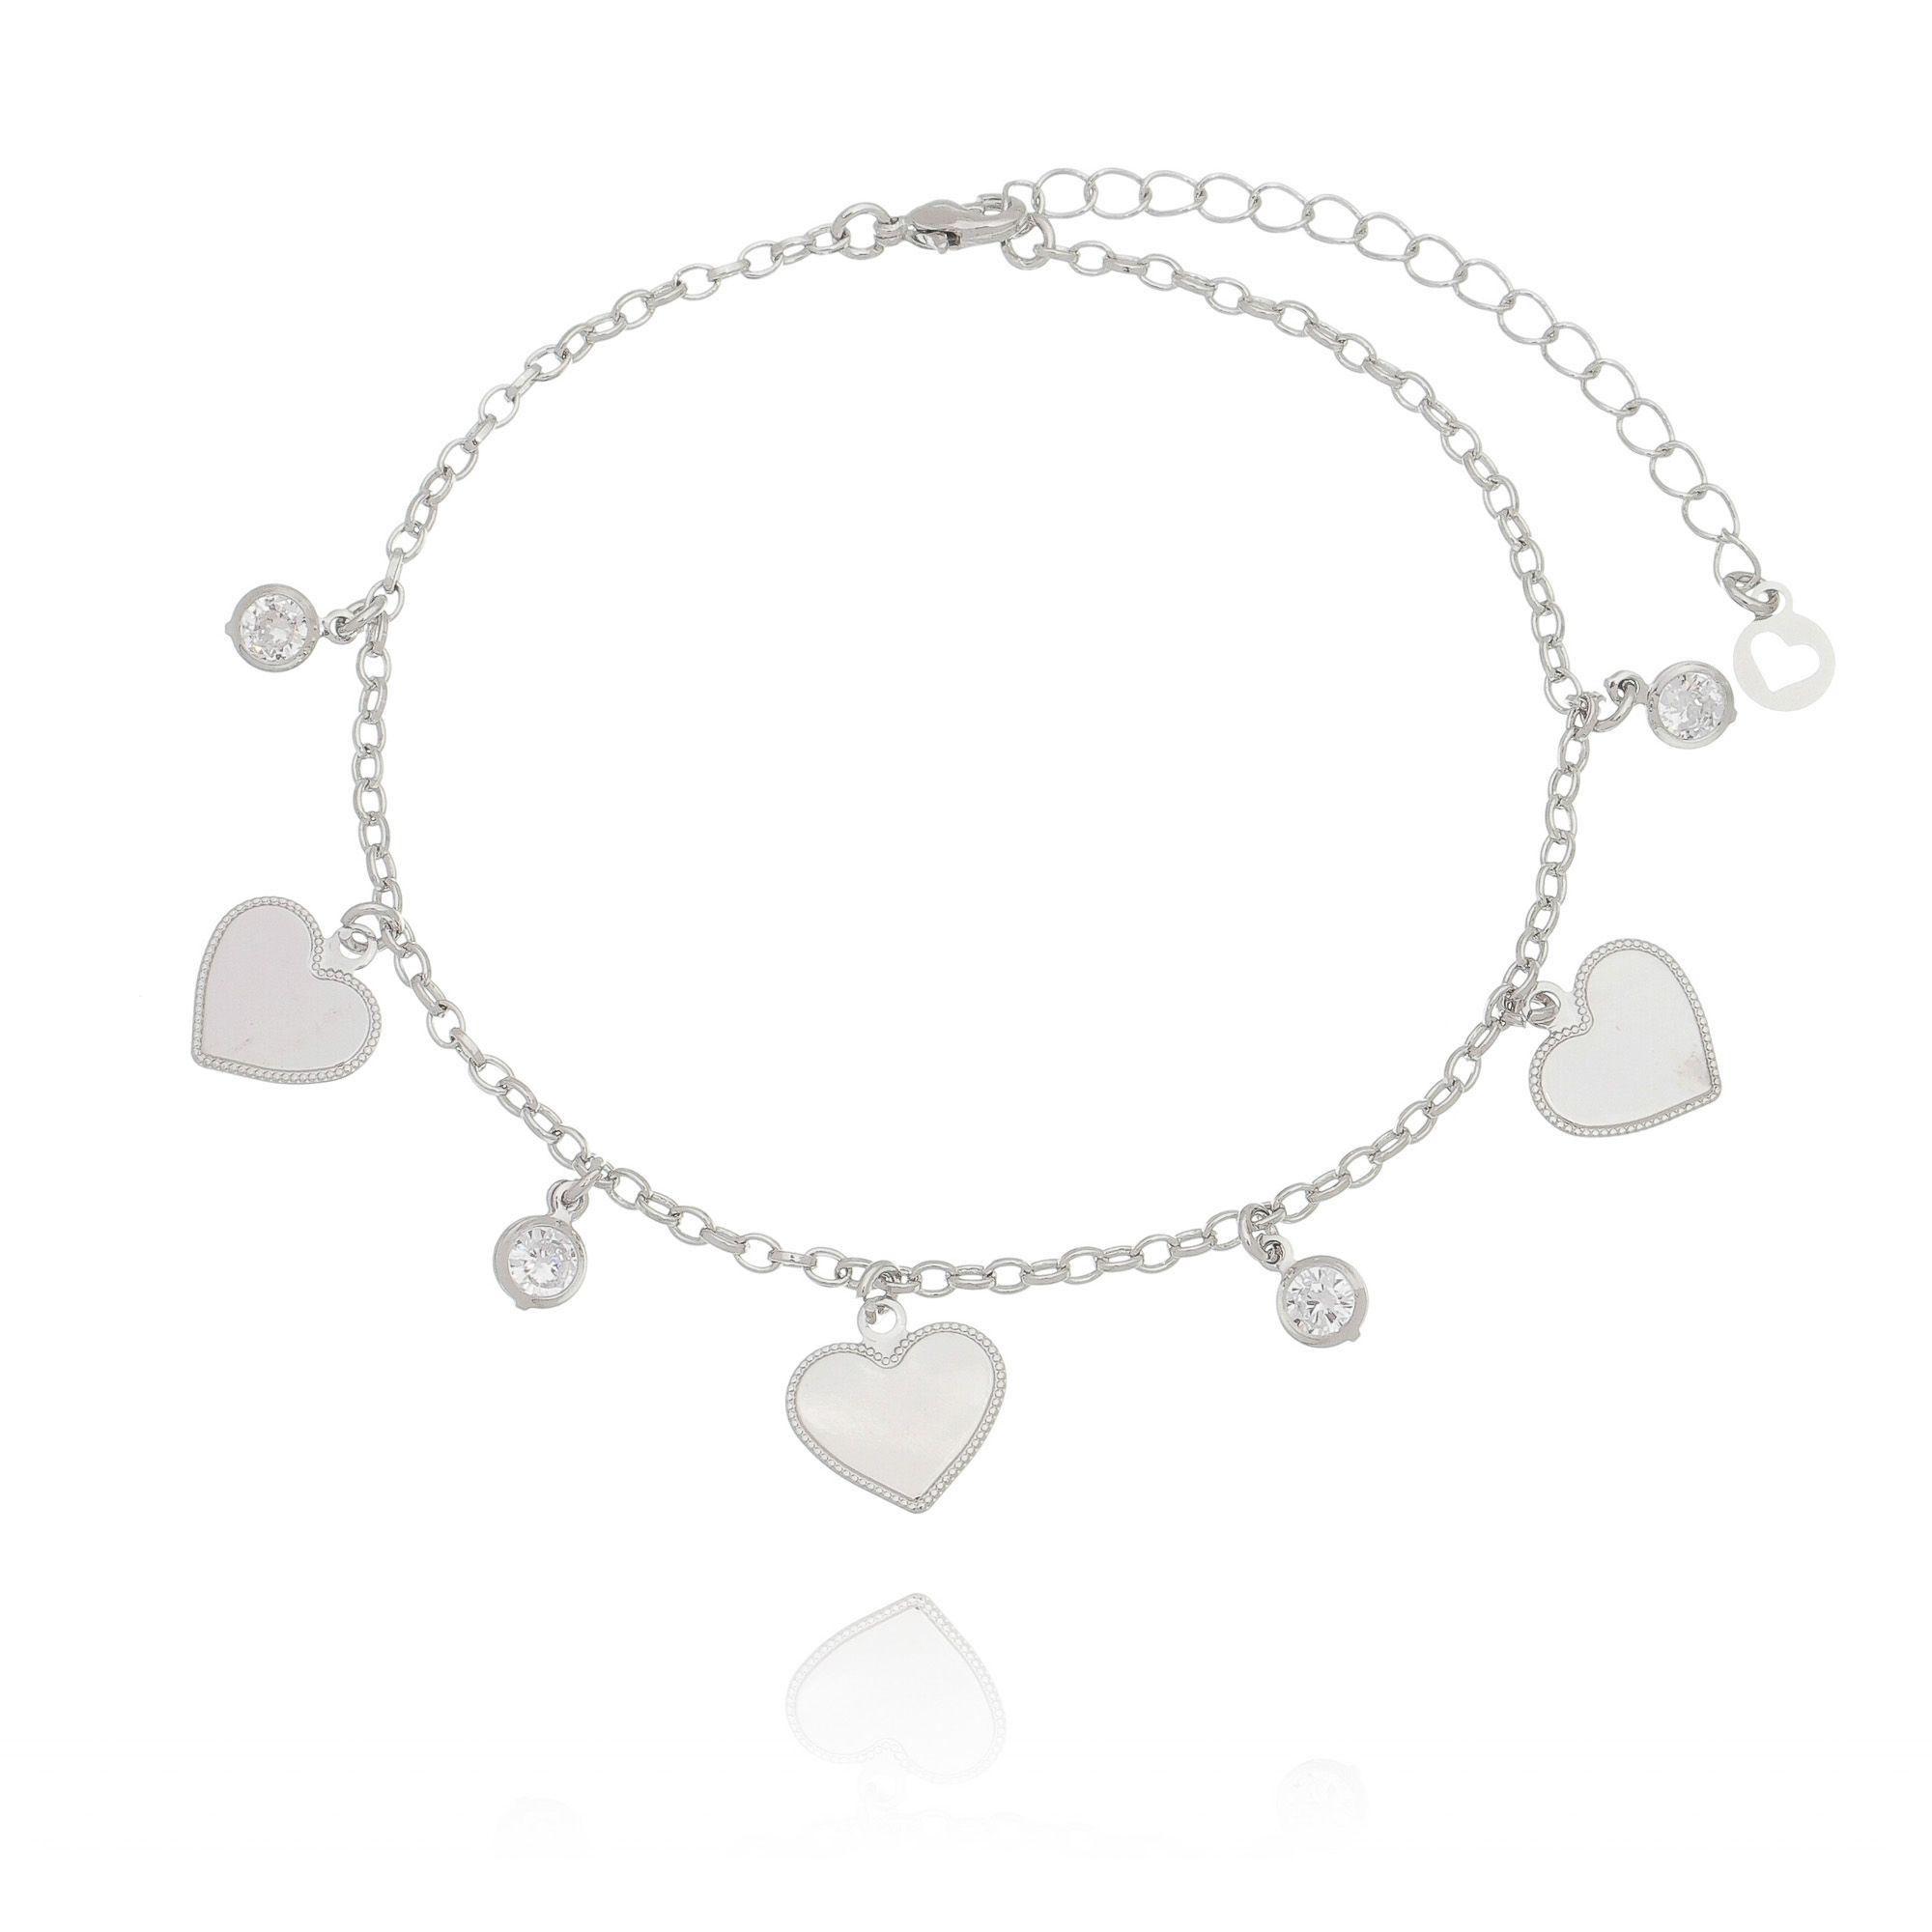 Tornozeleira Coração e Zircônia Cristal em Ródio Branco  - Soloyou